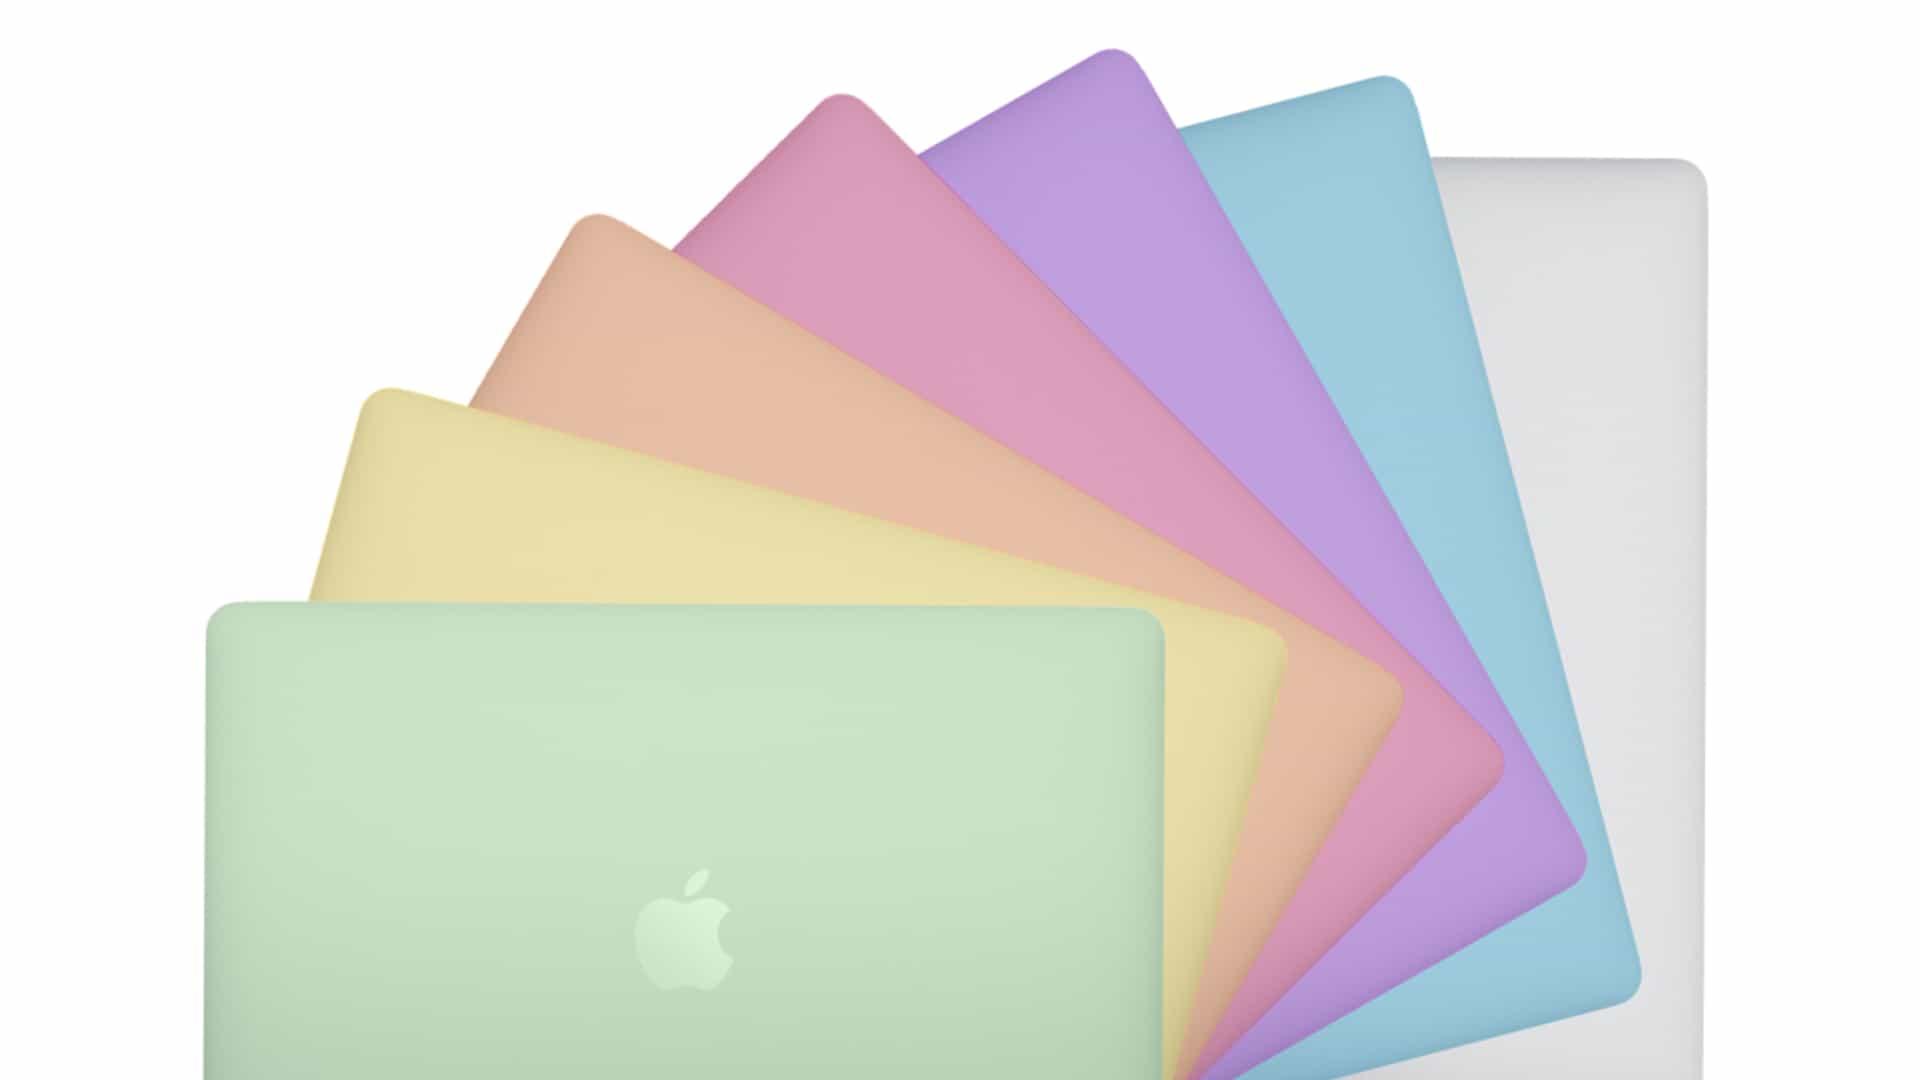 ¿Te encanta el diseño de iMac 2021 de Apple? Espere hasta que vea el nuevo MacBook Air